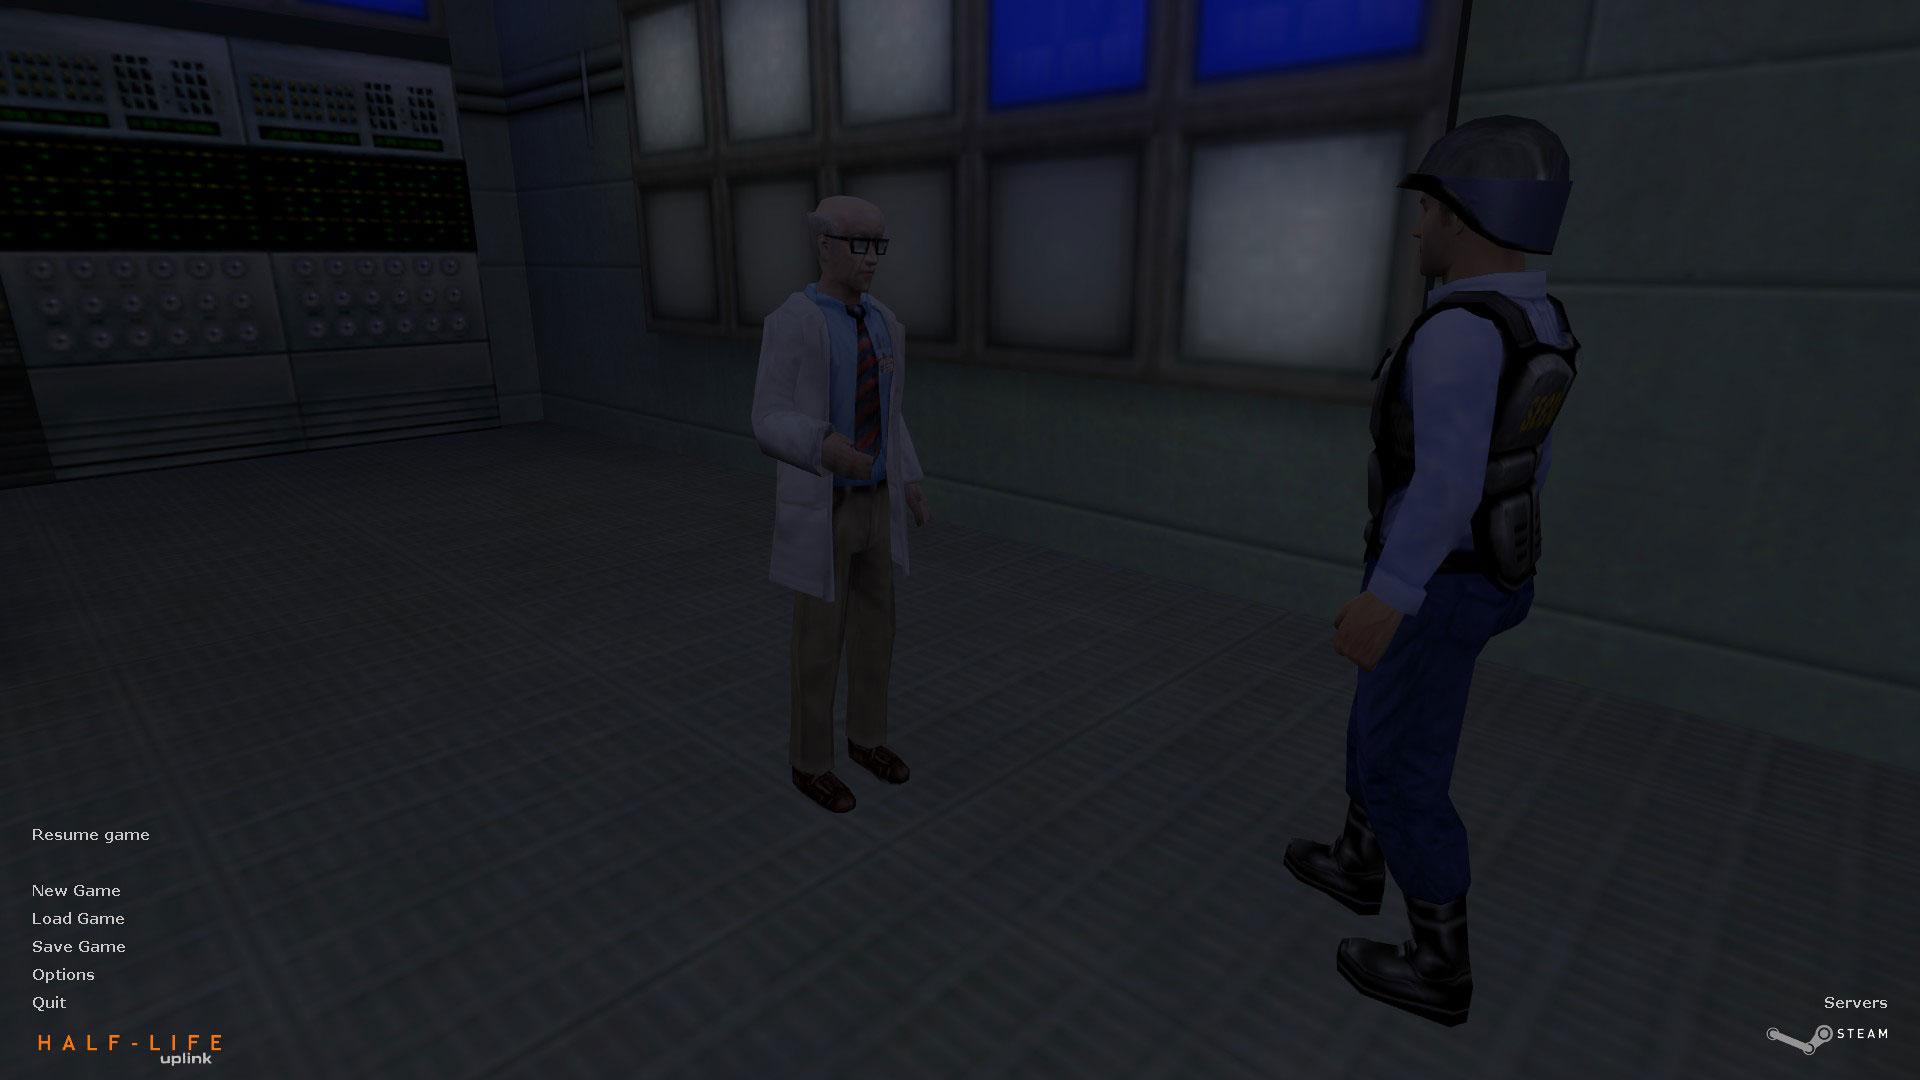 HL!UL!SL - Half-Life: Uplink for Steam